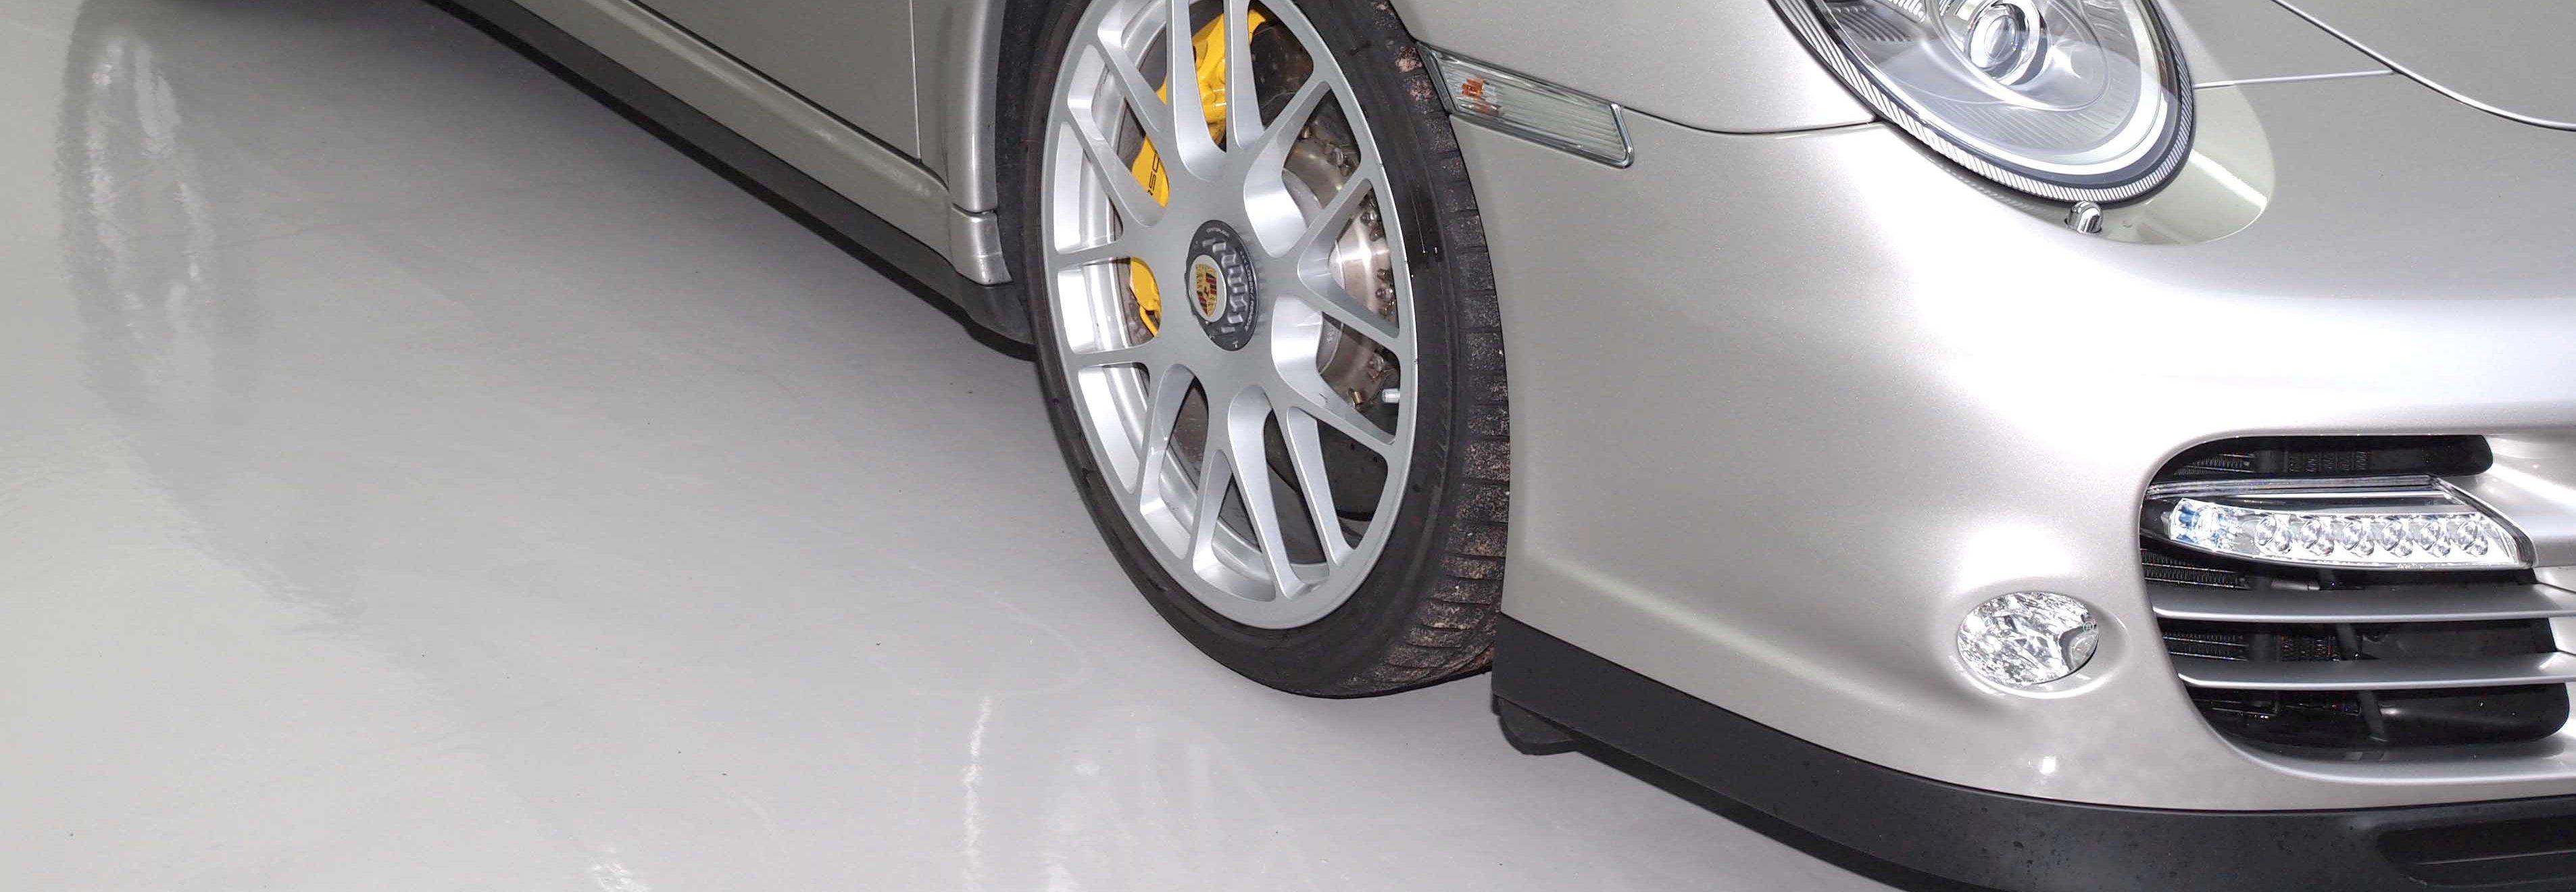 2_garage